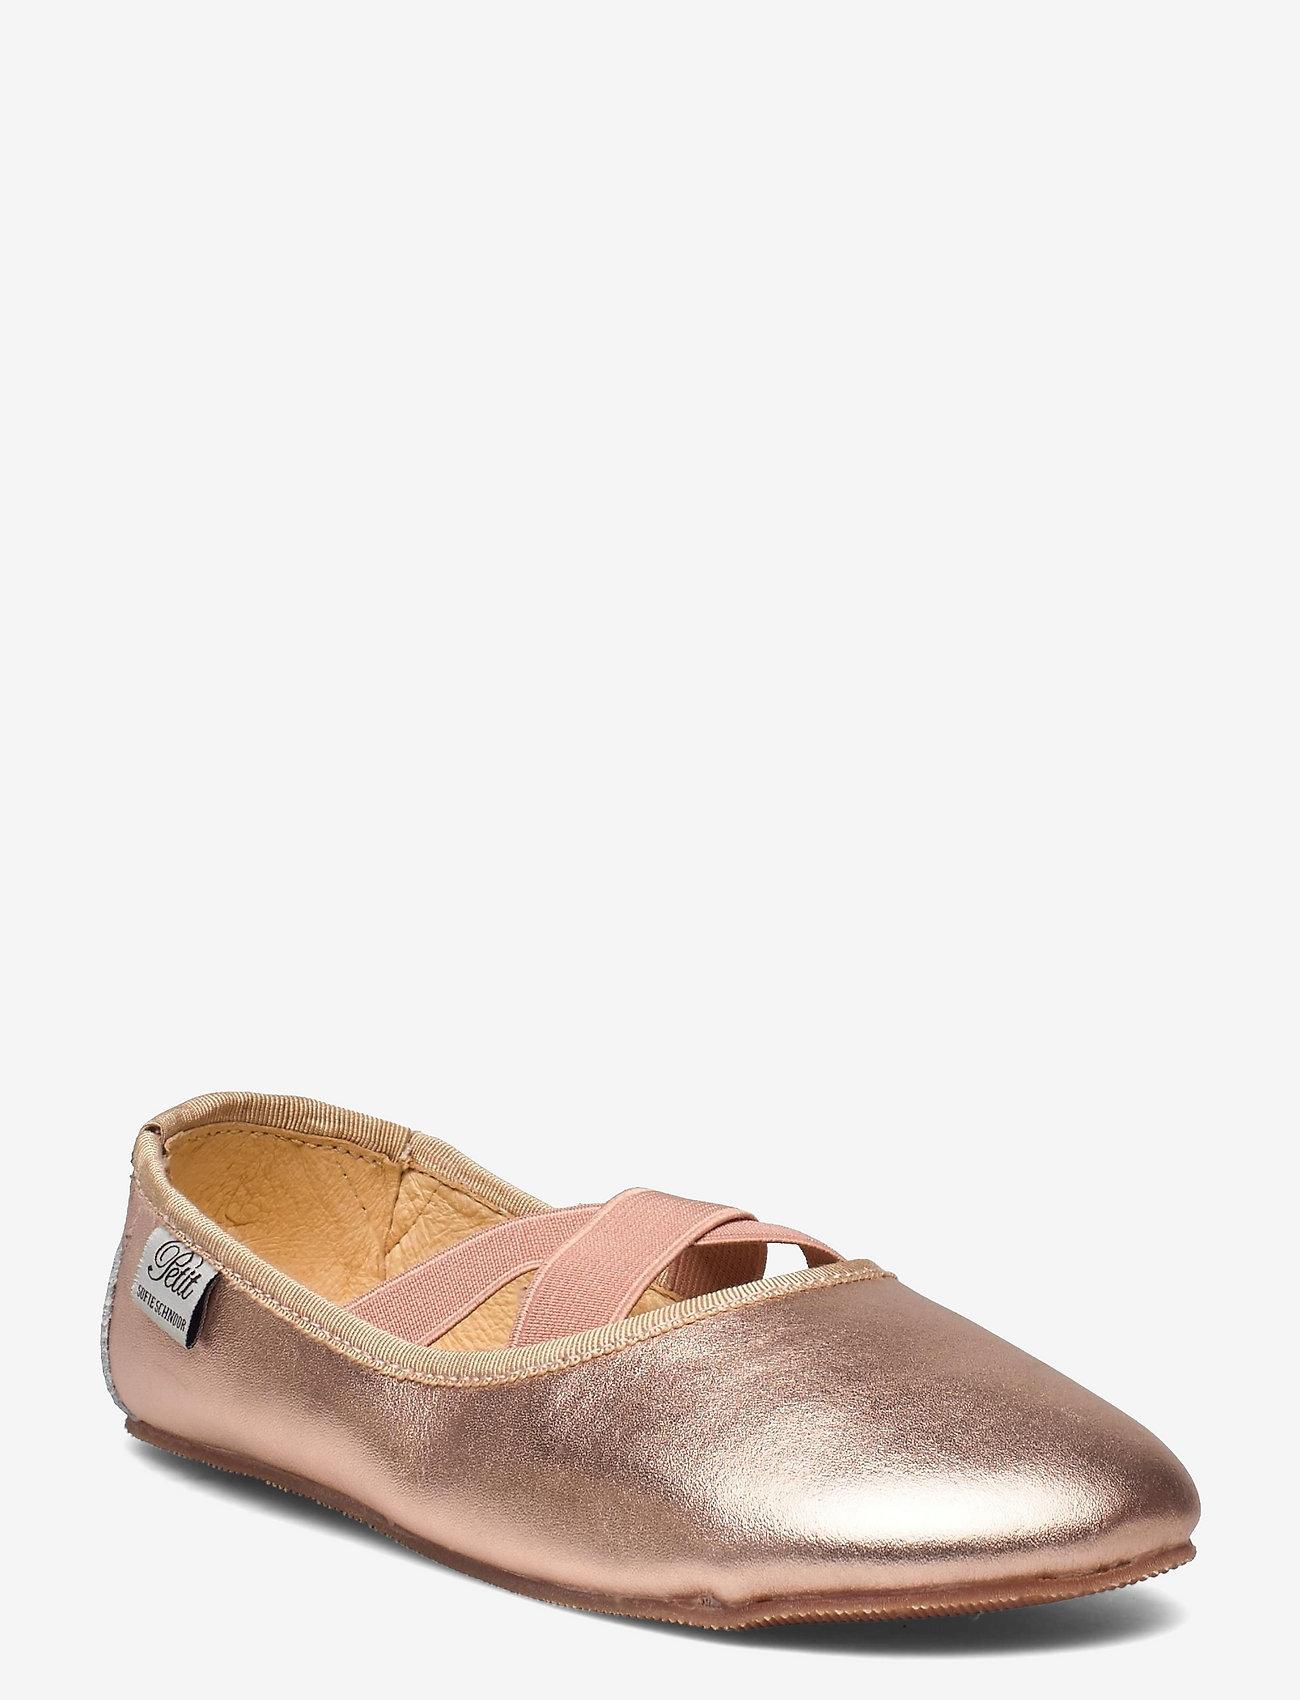 Indoors shoe